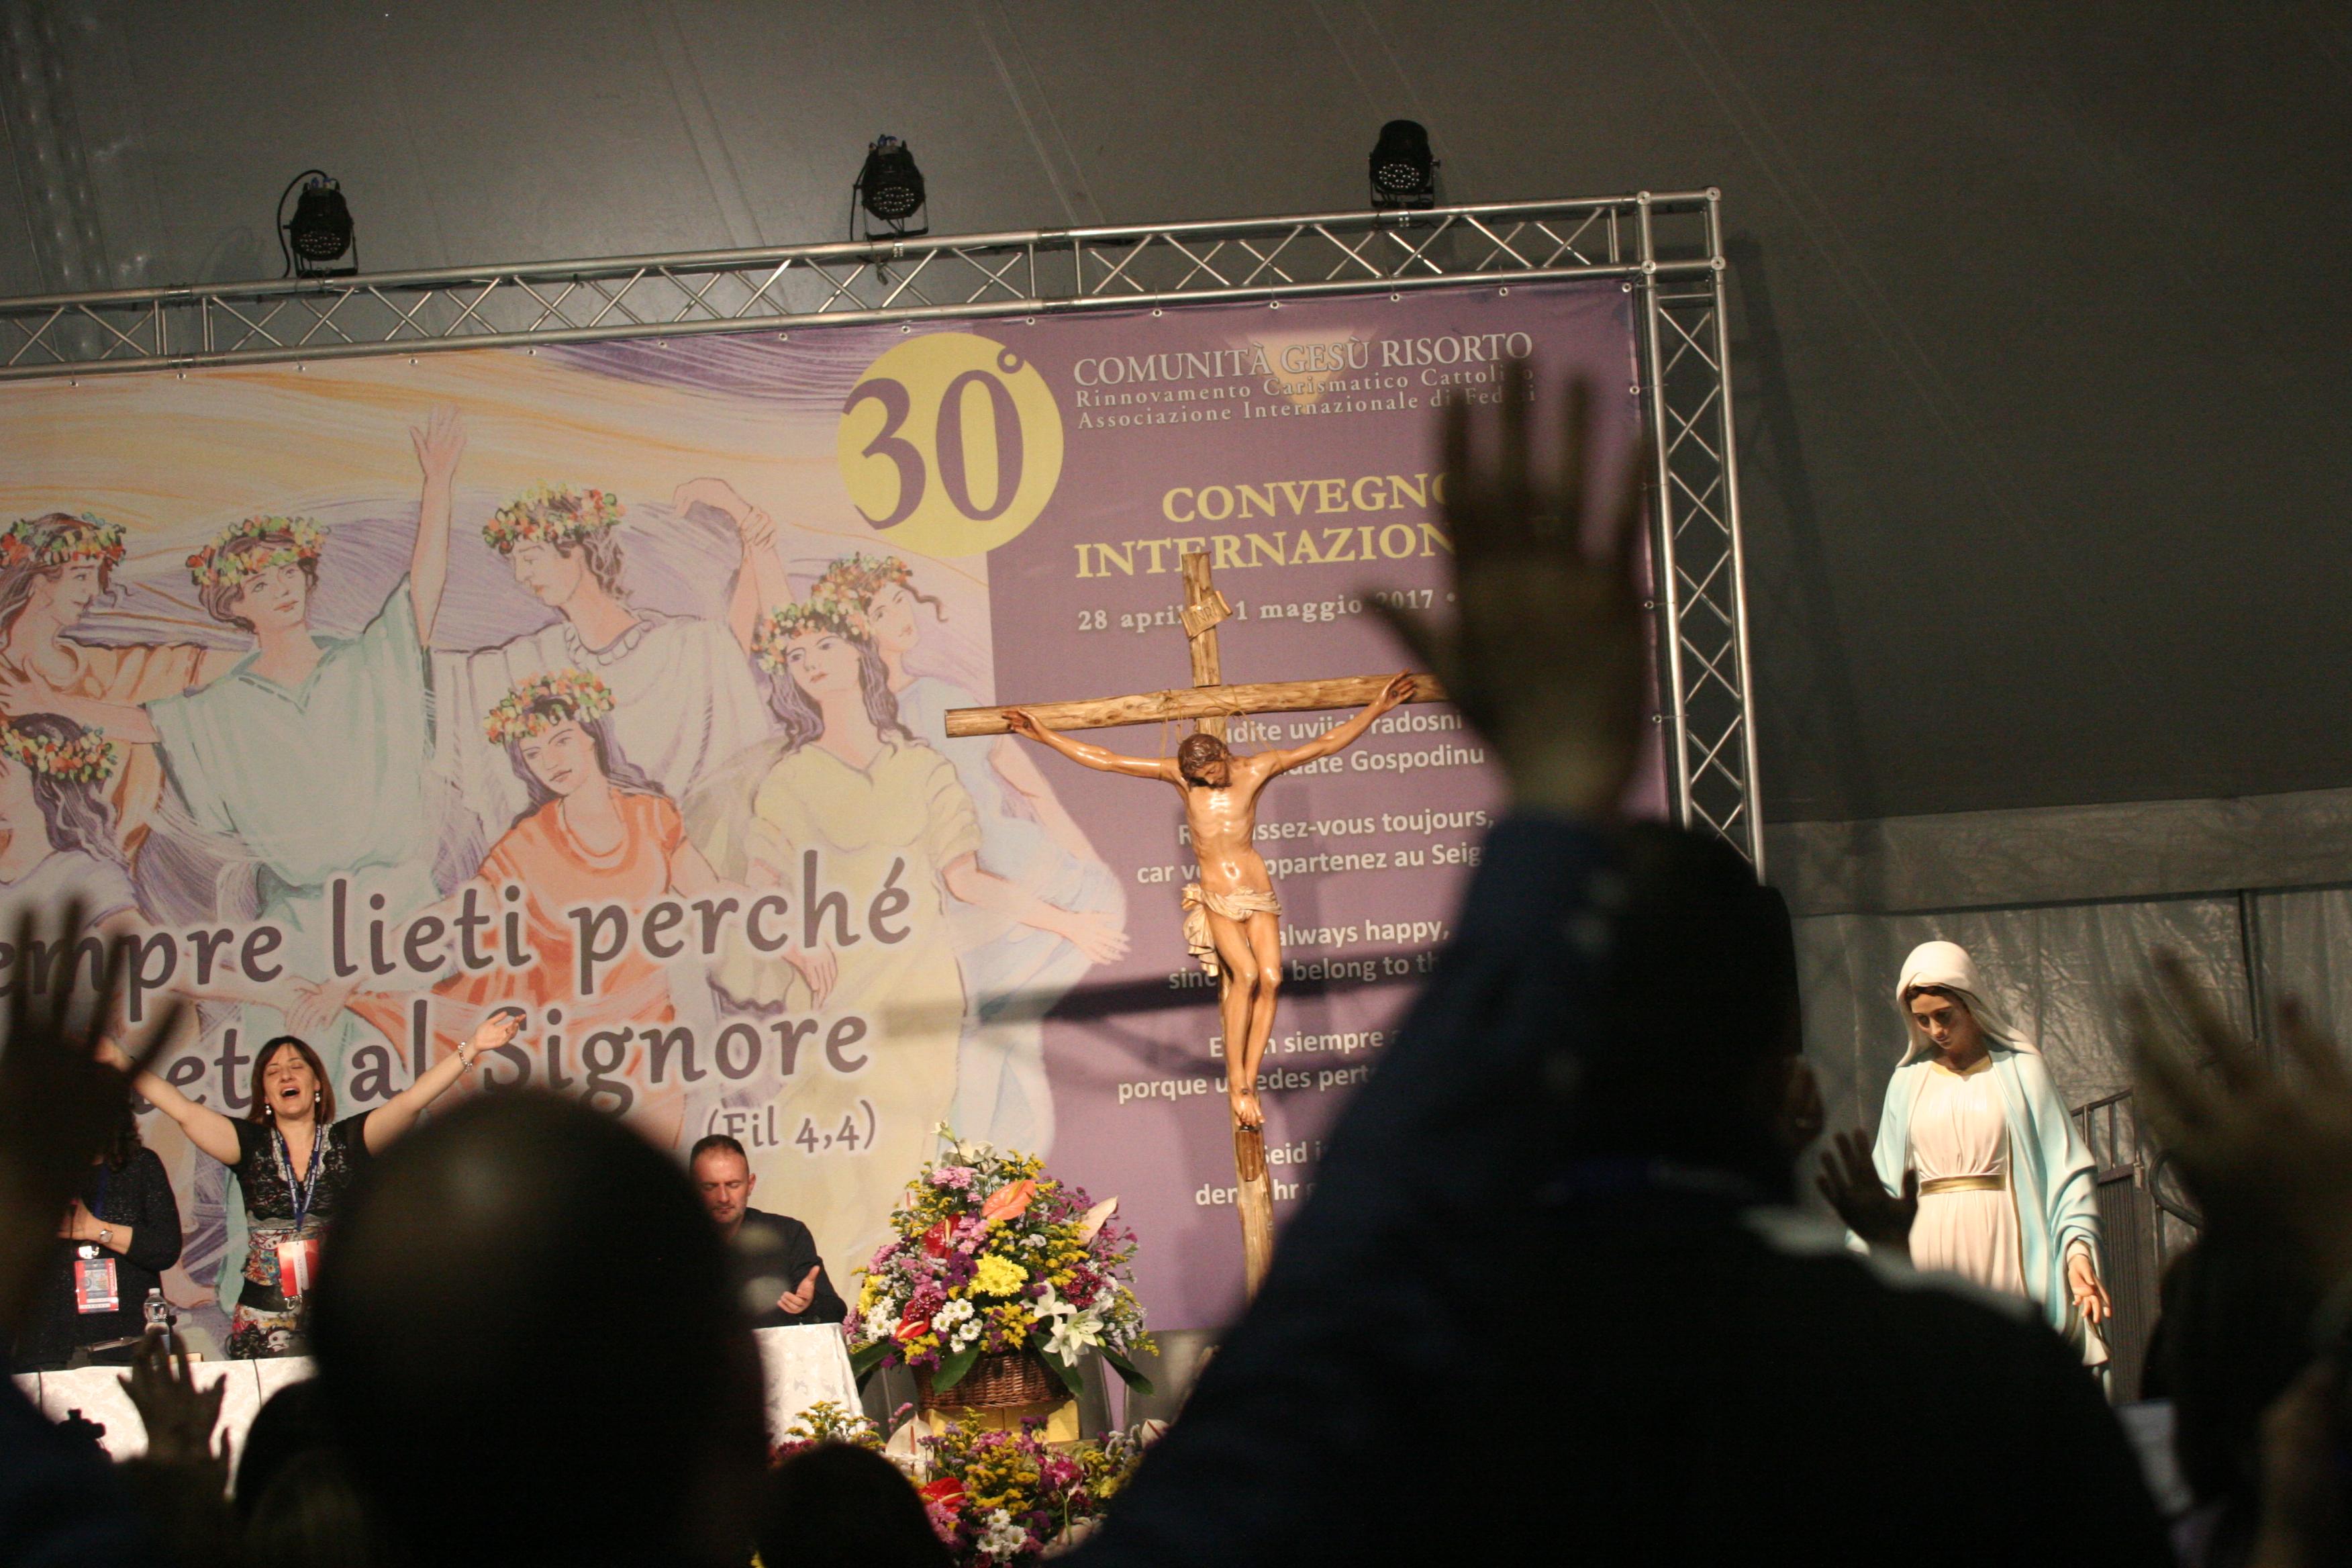 (Italiano) 30° Convegno Internazionale – cronaca secondo giorno